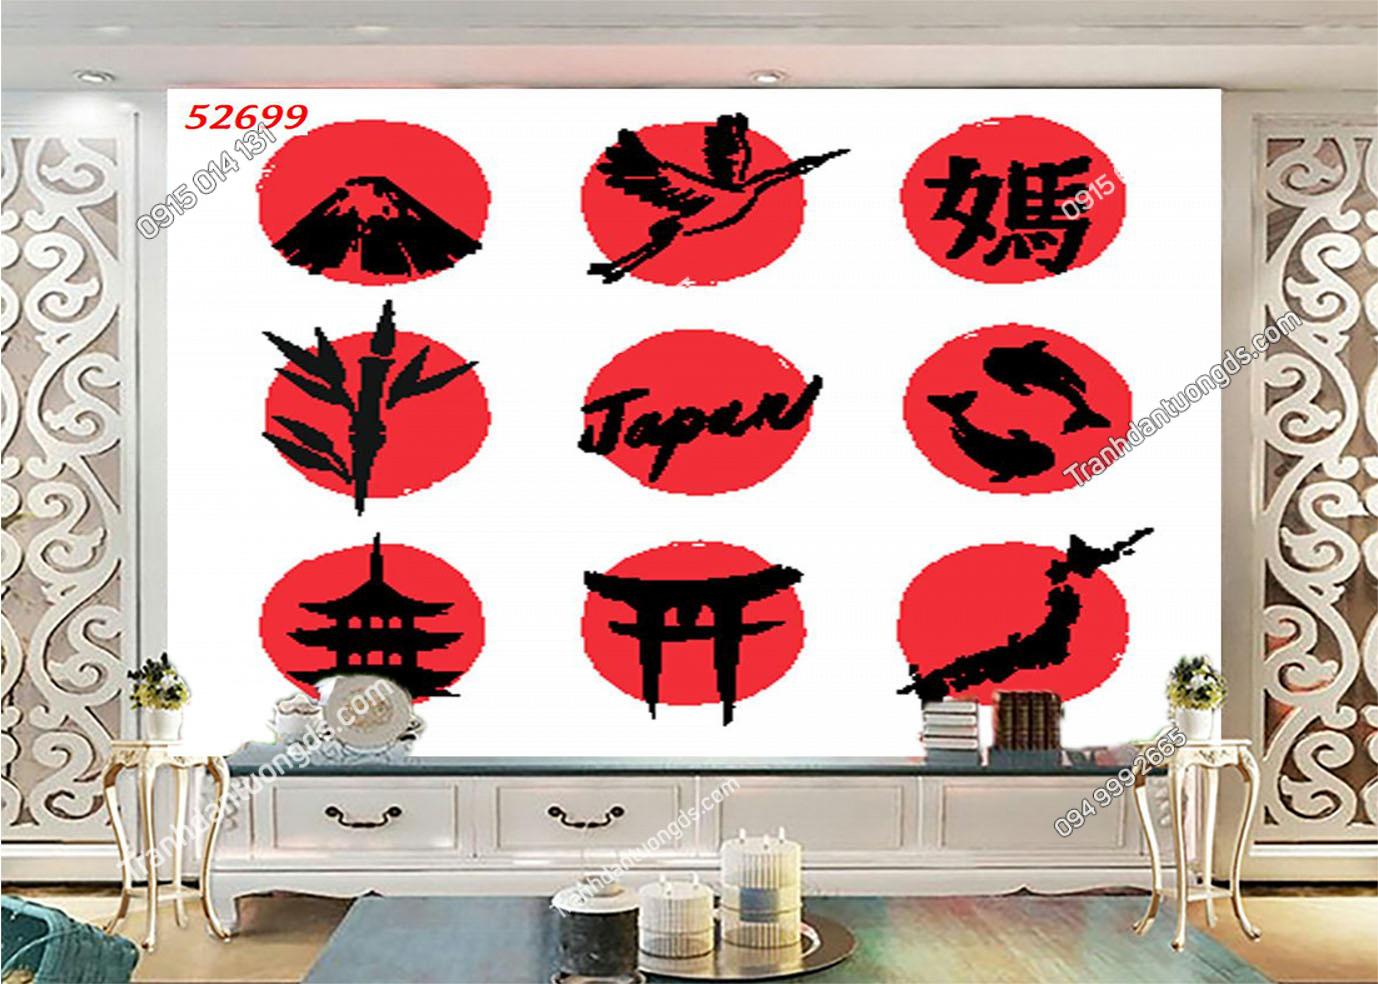 Tranh biểu tượng Nhật bản 52699